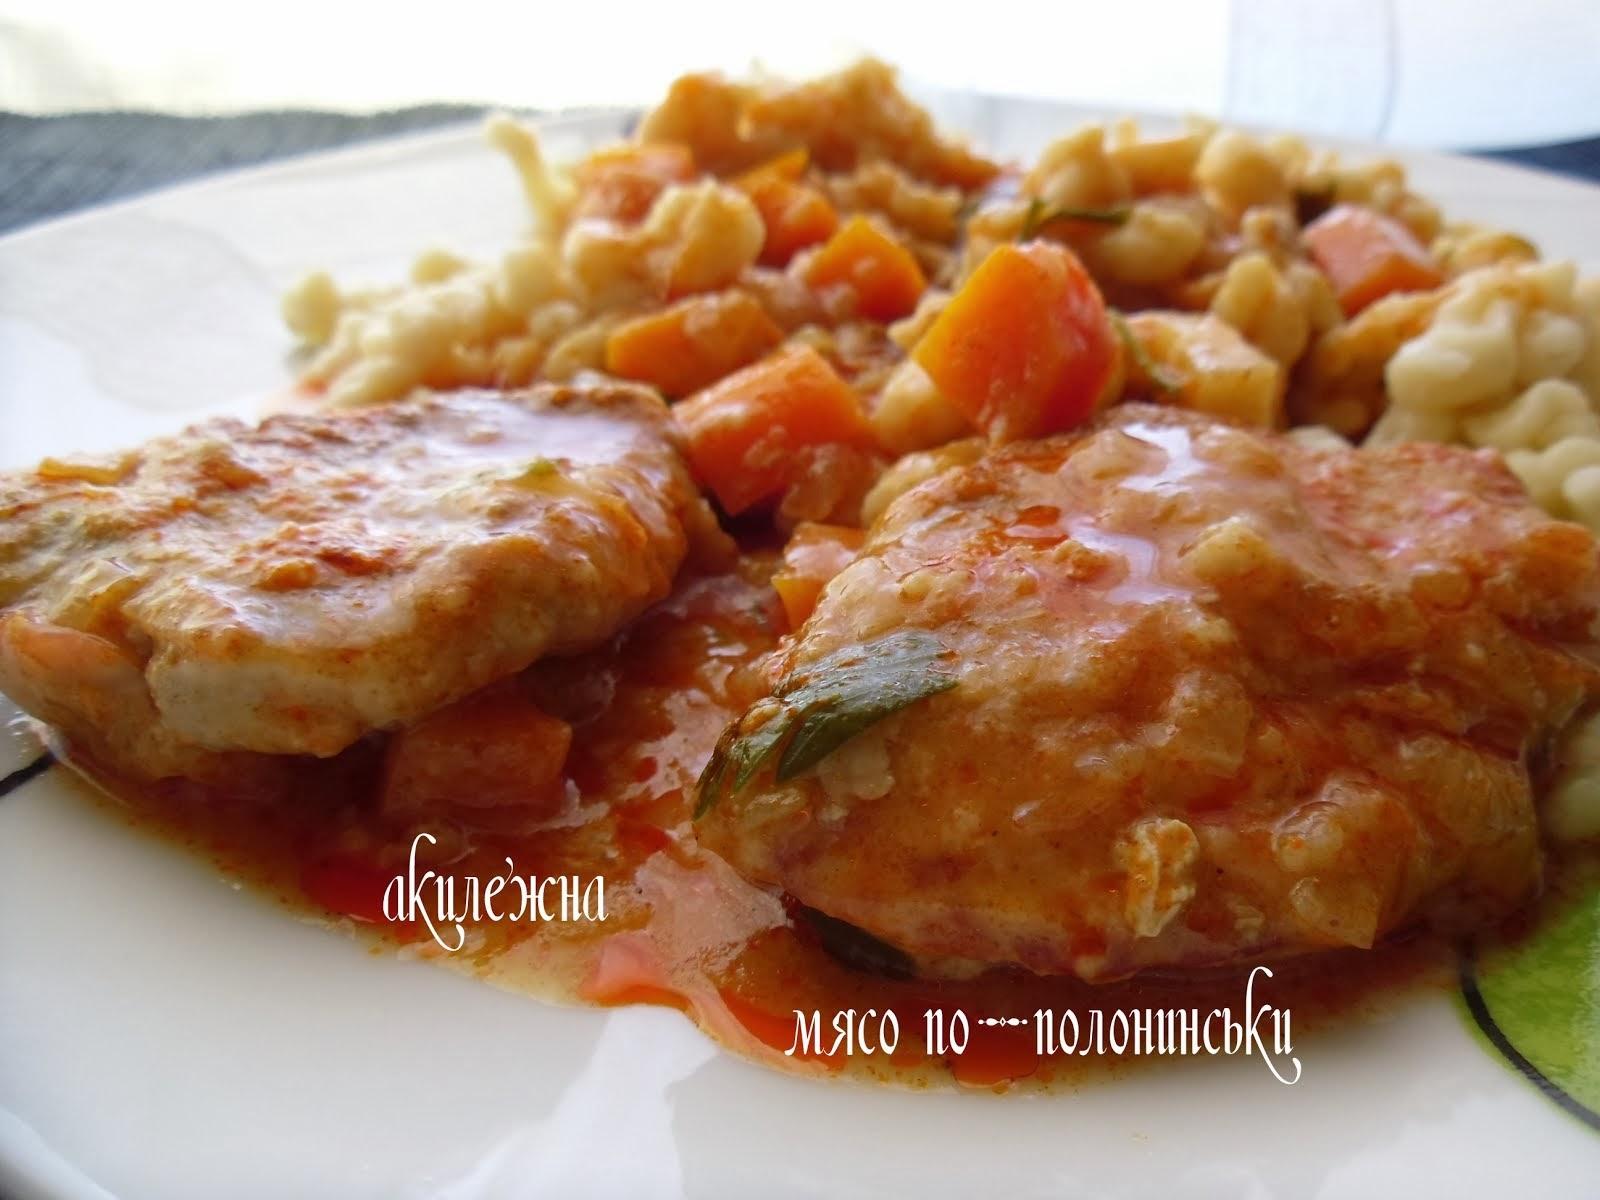 Говядина в панировке с овощами (мясо по-полонинськи)